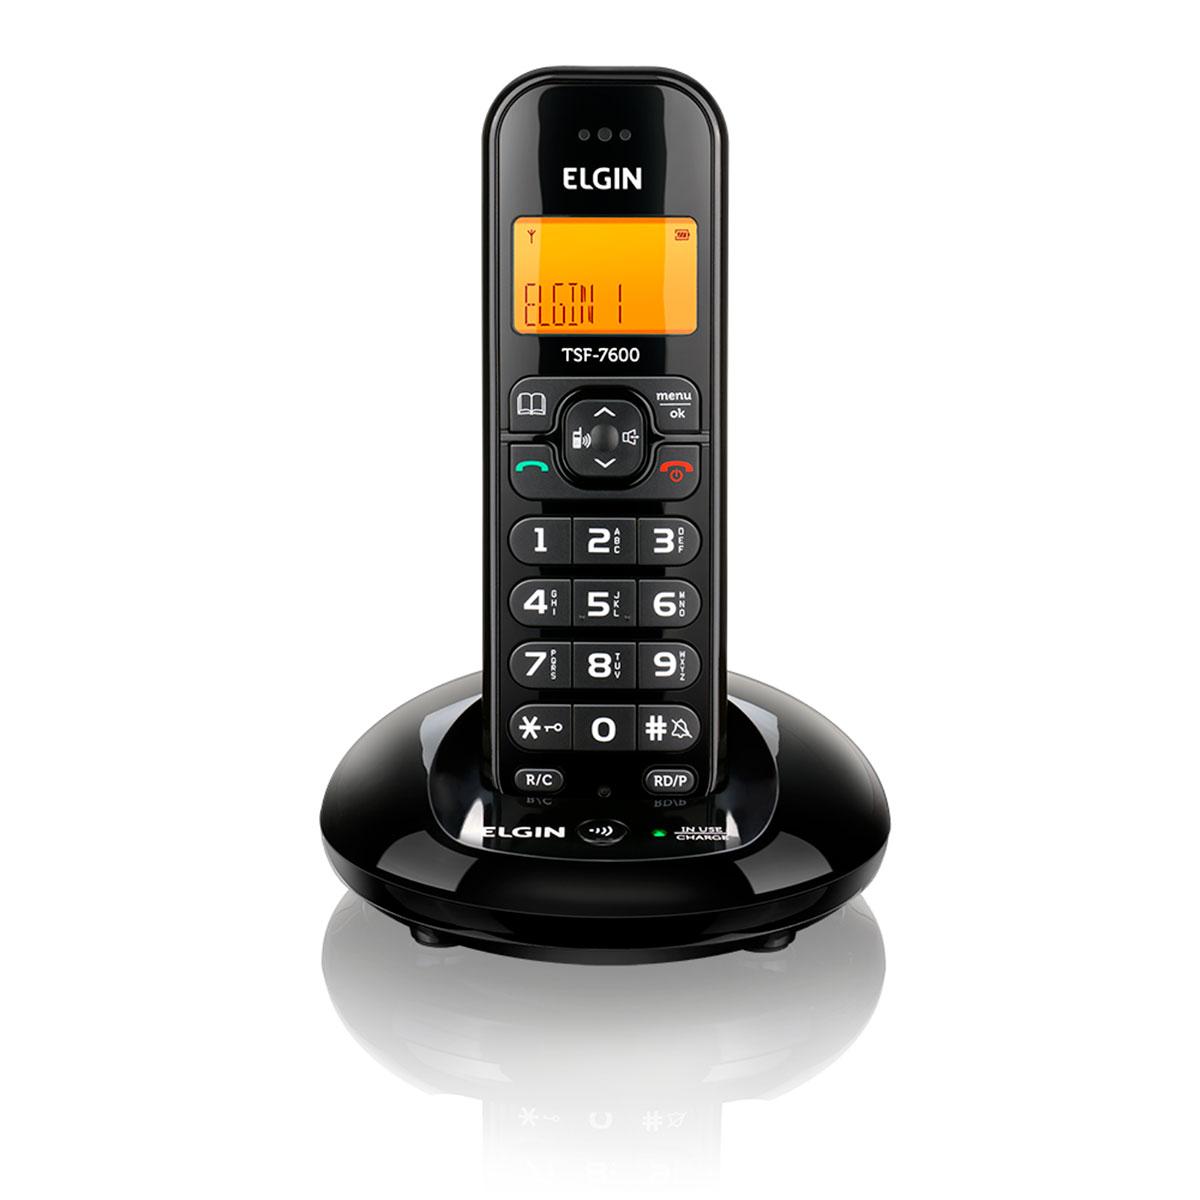 Telefone Sem Fio Elgin TSF 7600 com Viva-Voz e Identificador de Chamadas, Preto - 42TSF7600000